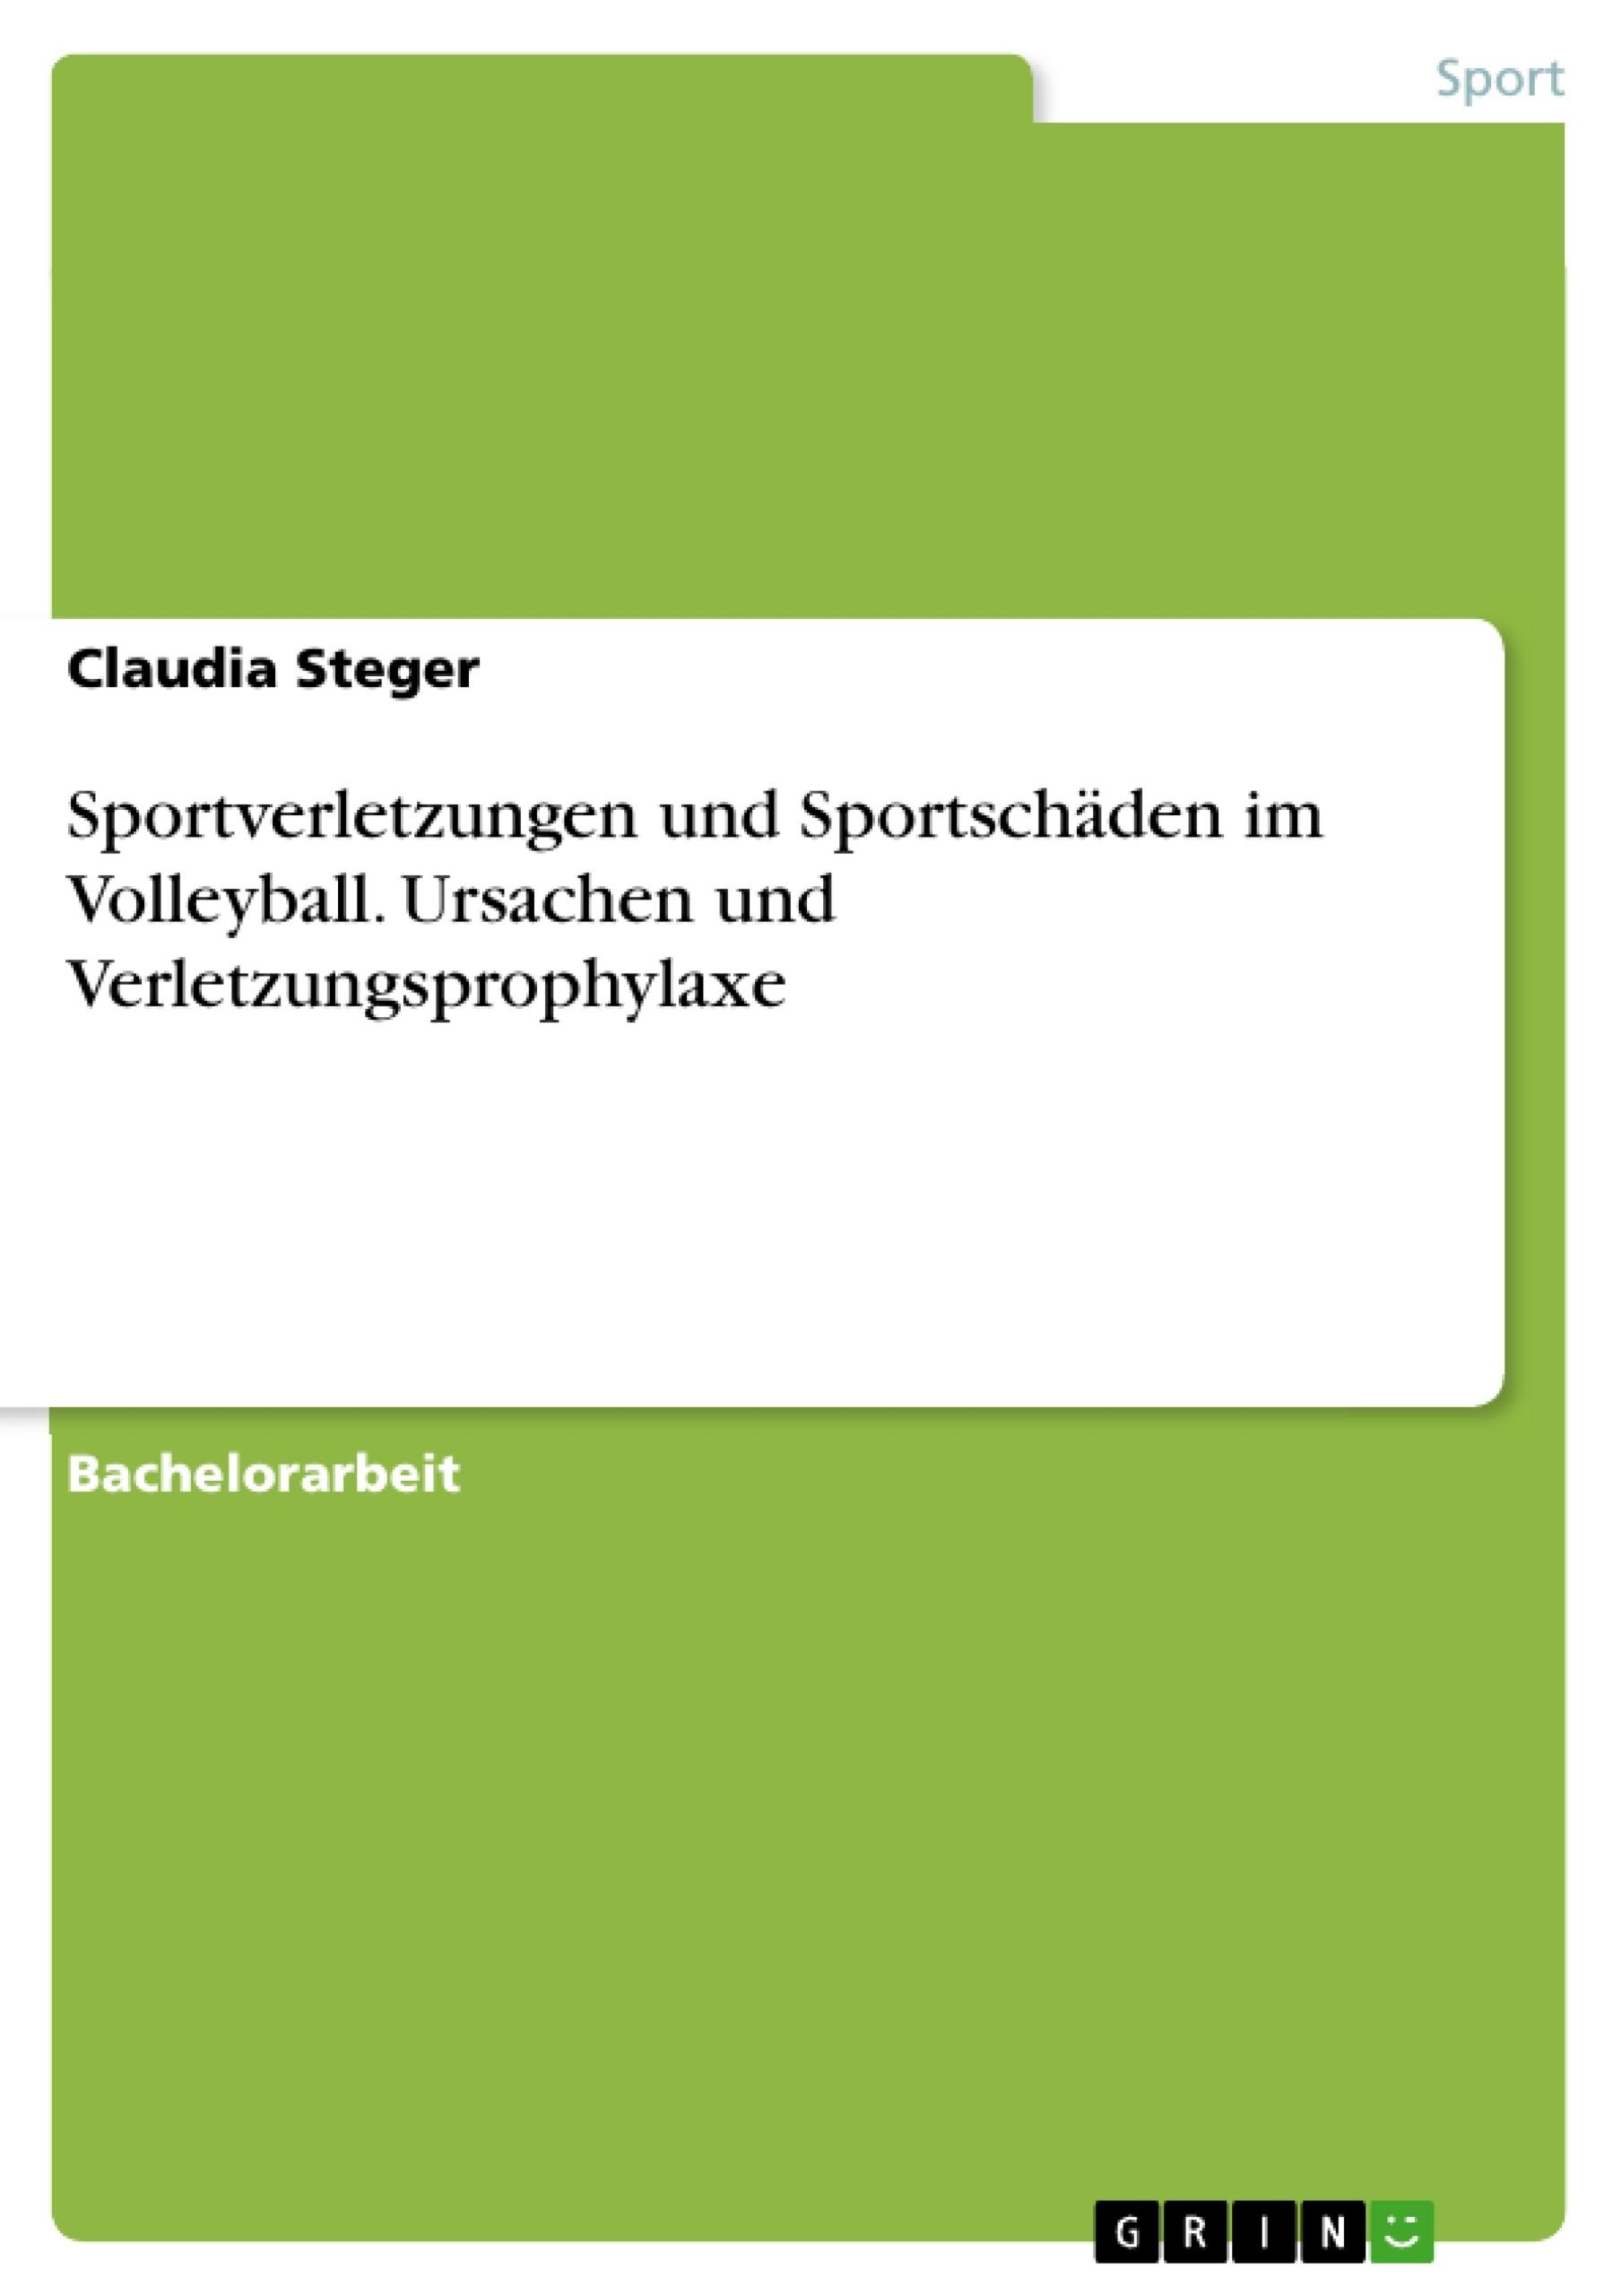 Titel: Sportverletzungen und Sportschäden im Volleyball. Ursachen und Verletzungsprophylaxe